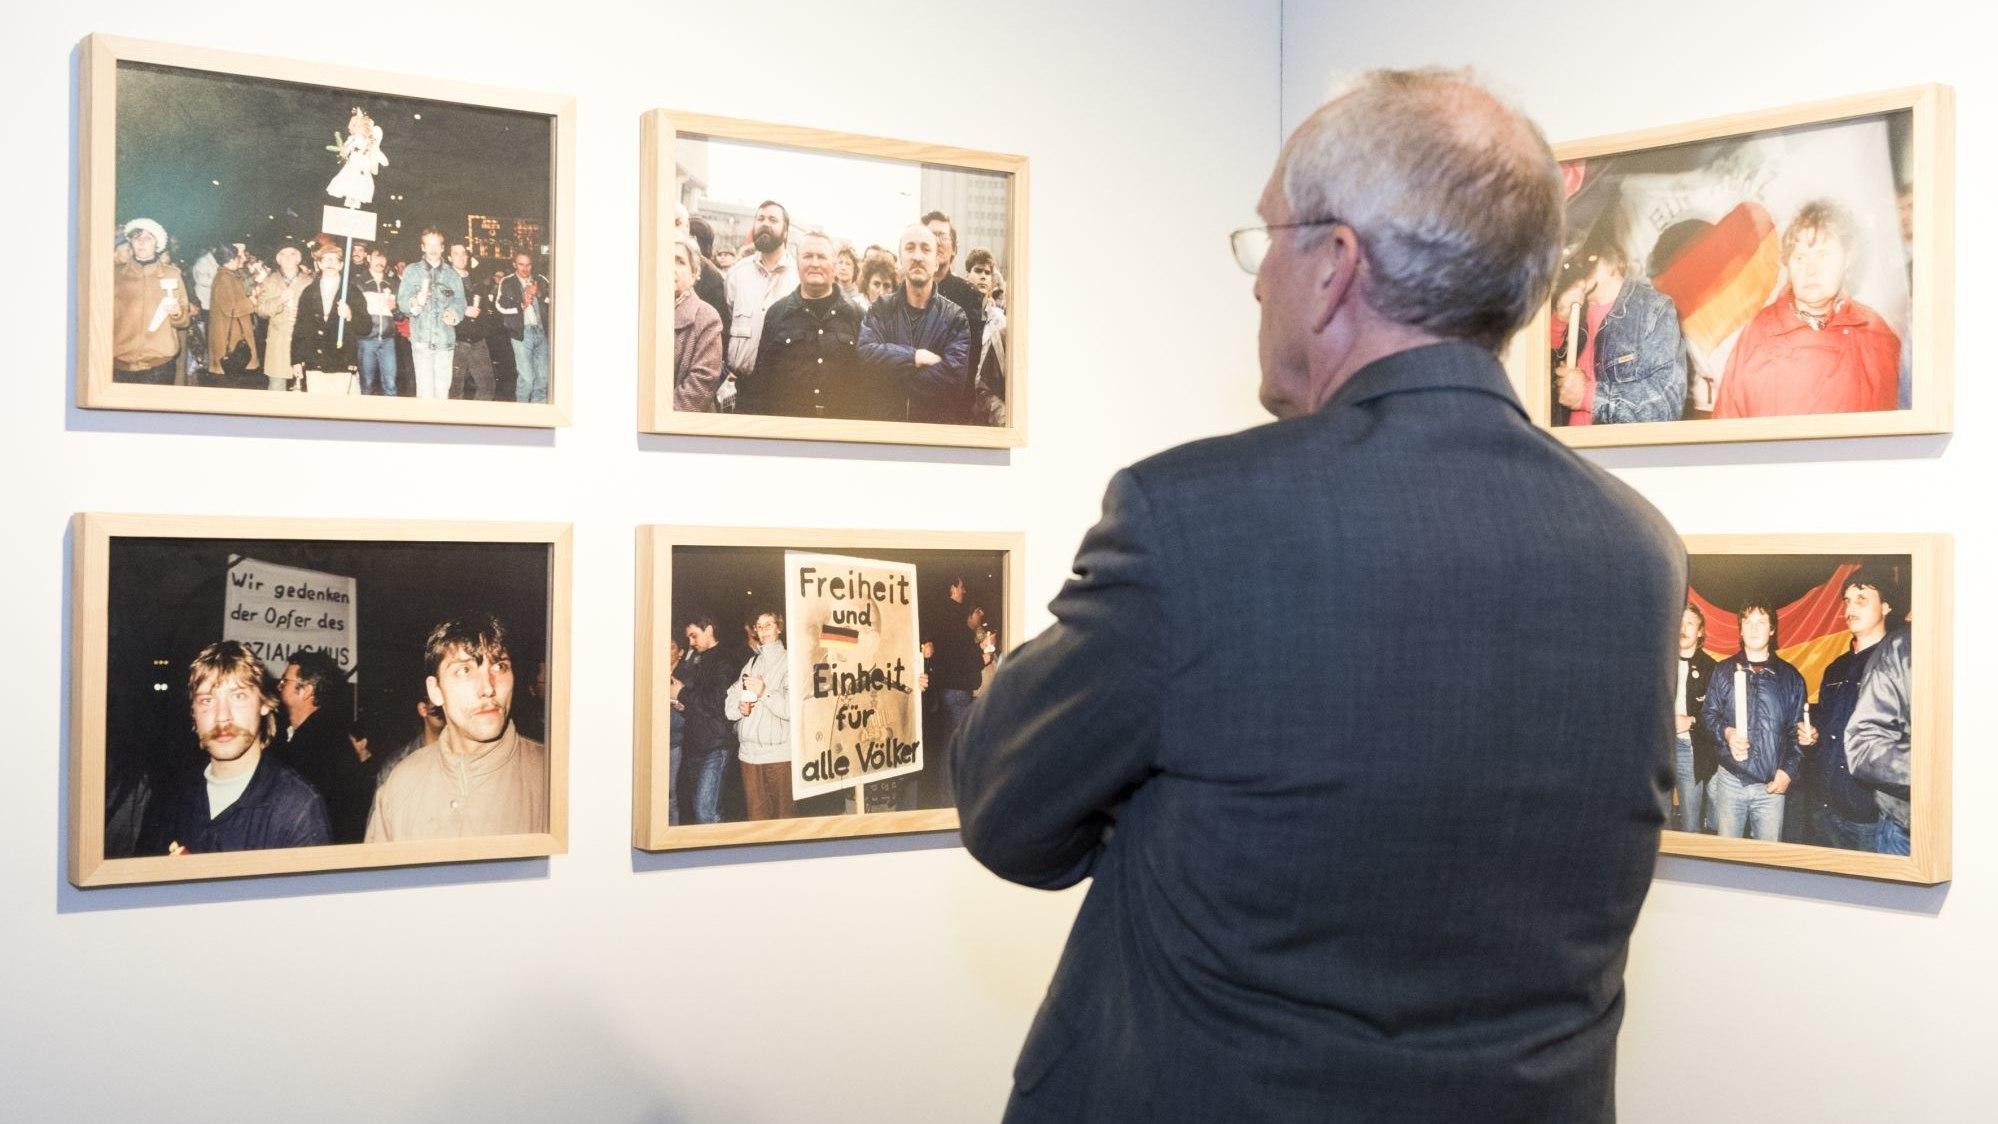 Ein älterer Herr im Jacket betrachtet gerahmte Fotografien an der Wand. Er steht mit dem Rücken und leicht seitlich zur Kamera